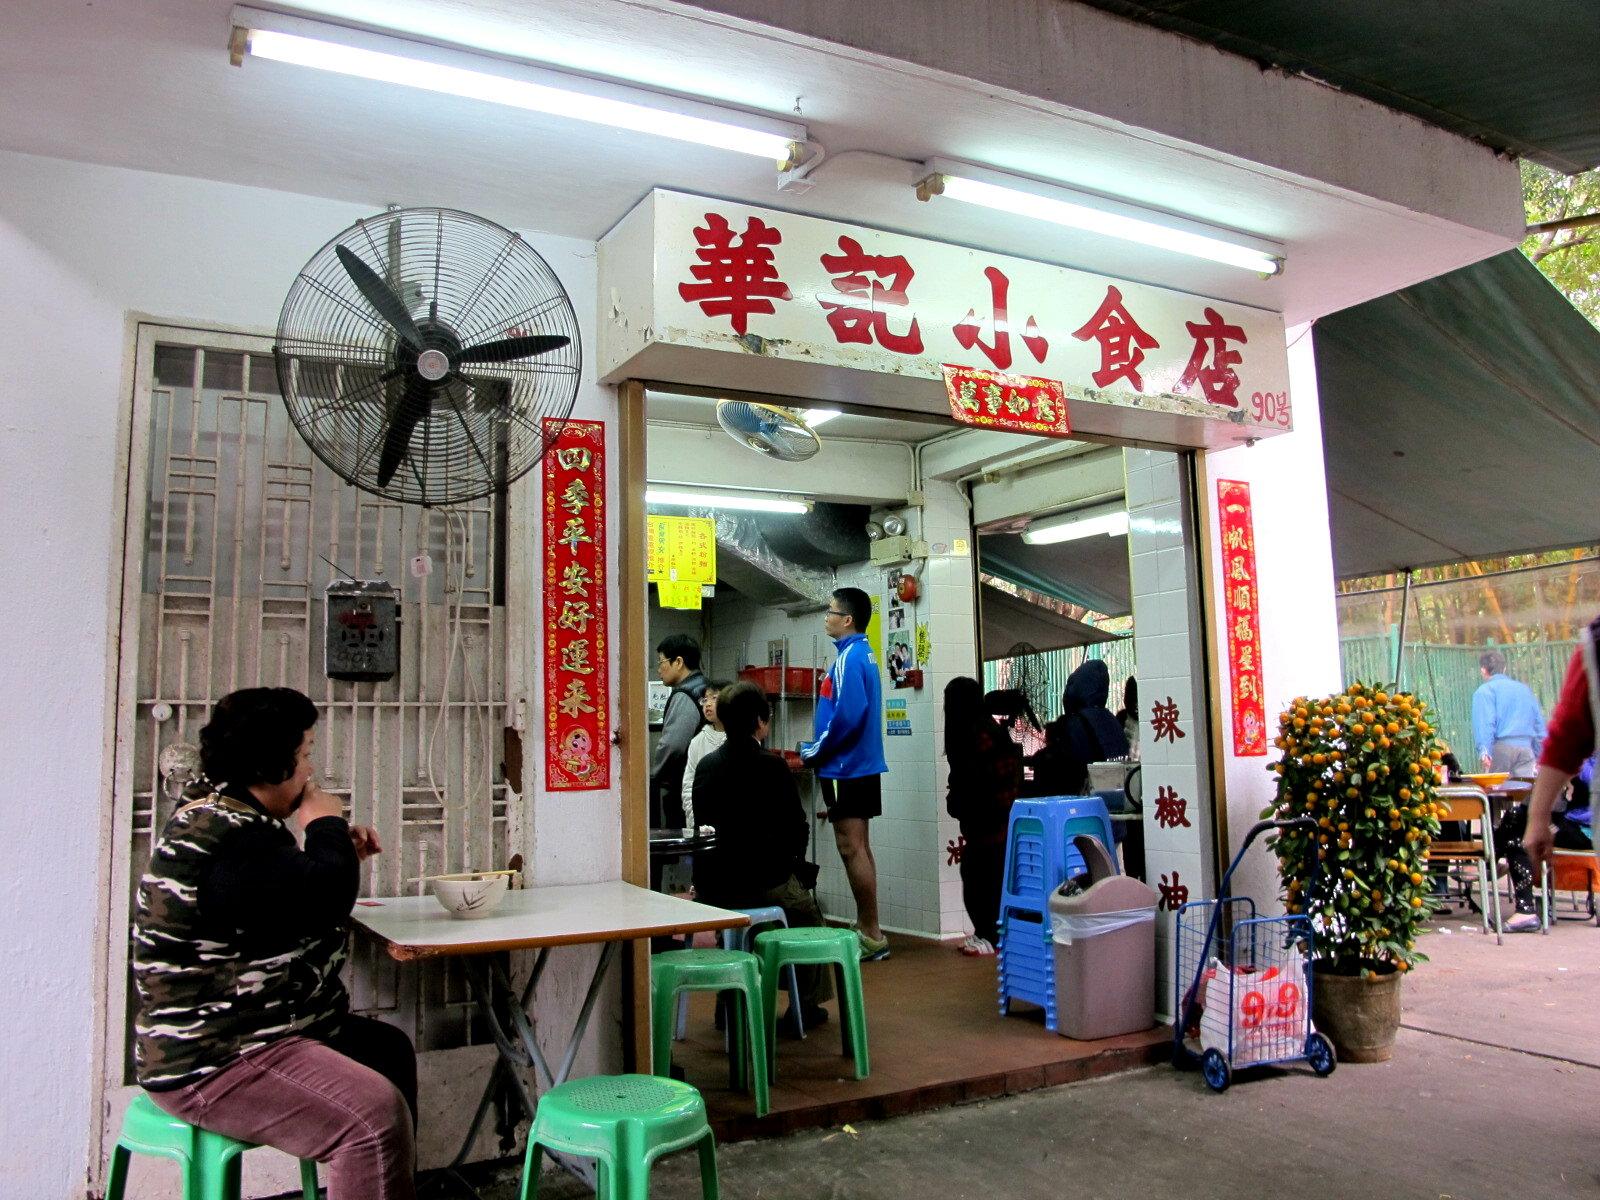 開飯宅女 MarshyFood: 粉麵篇 - 華記小食店